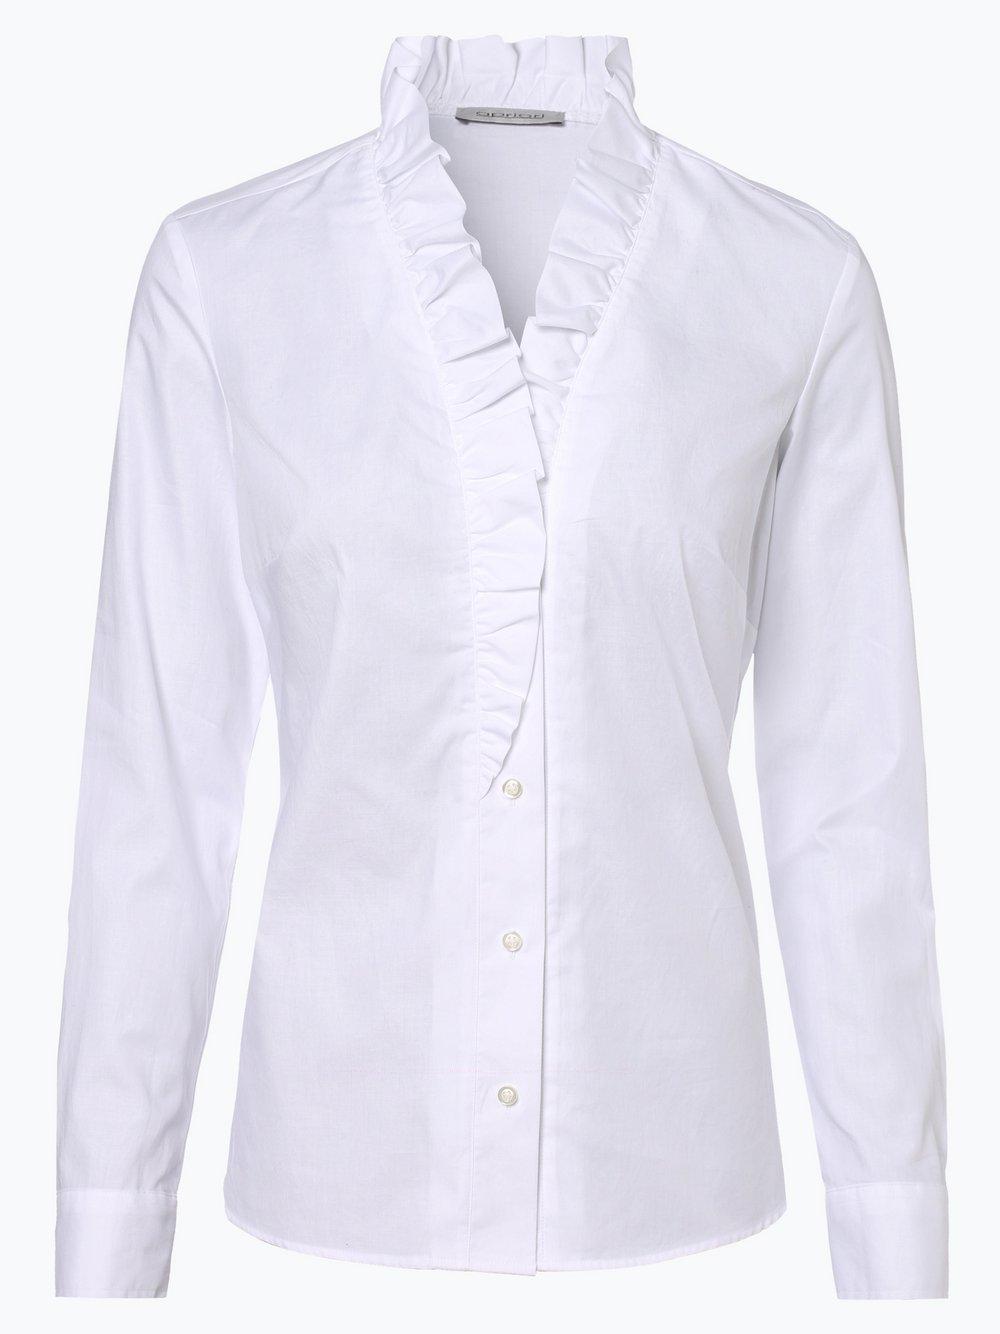 Apriori - Bluzka damska, biały